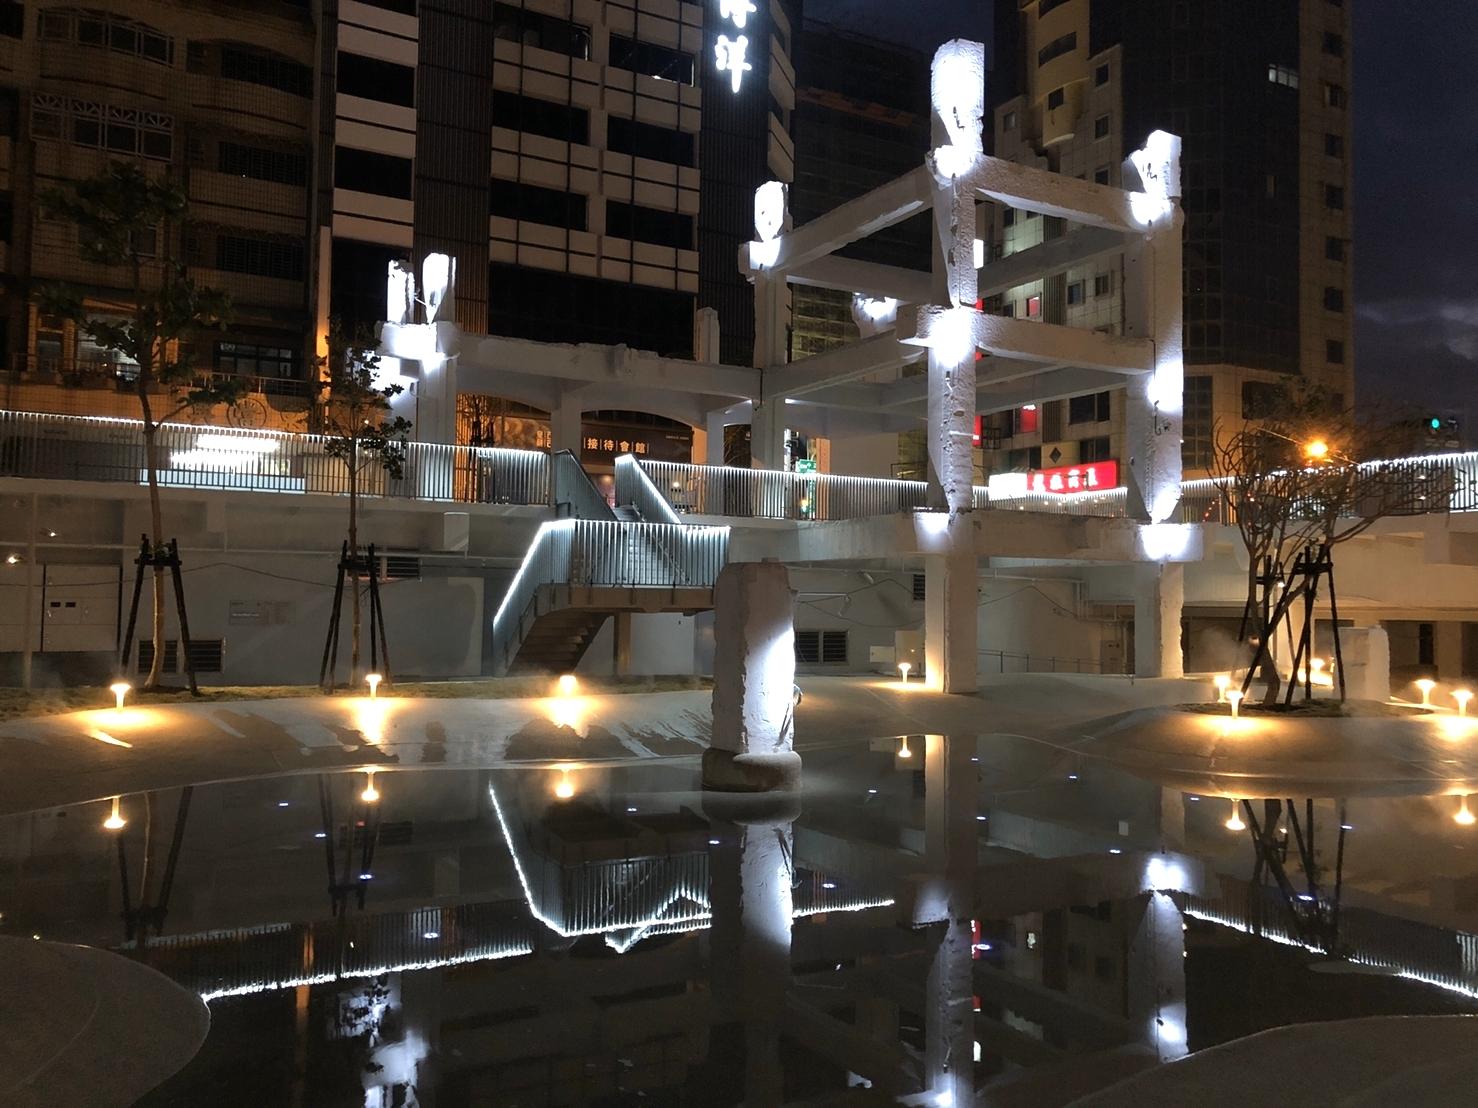 河樂廣場遺構夜景水中倒映